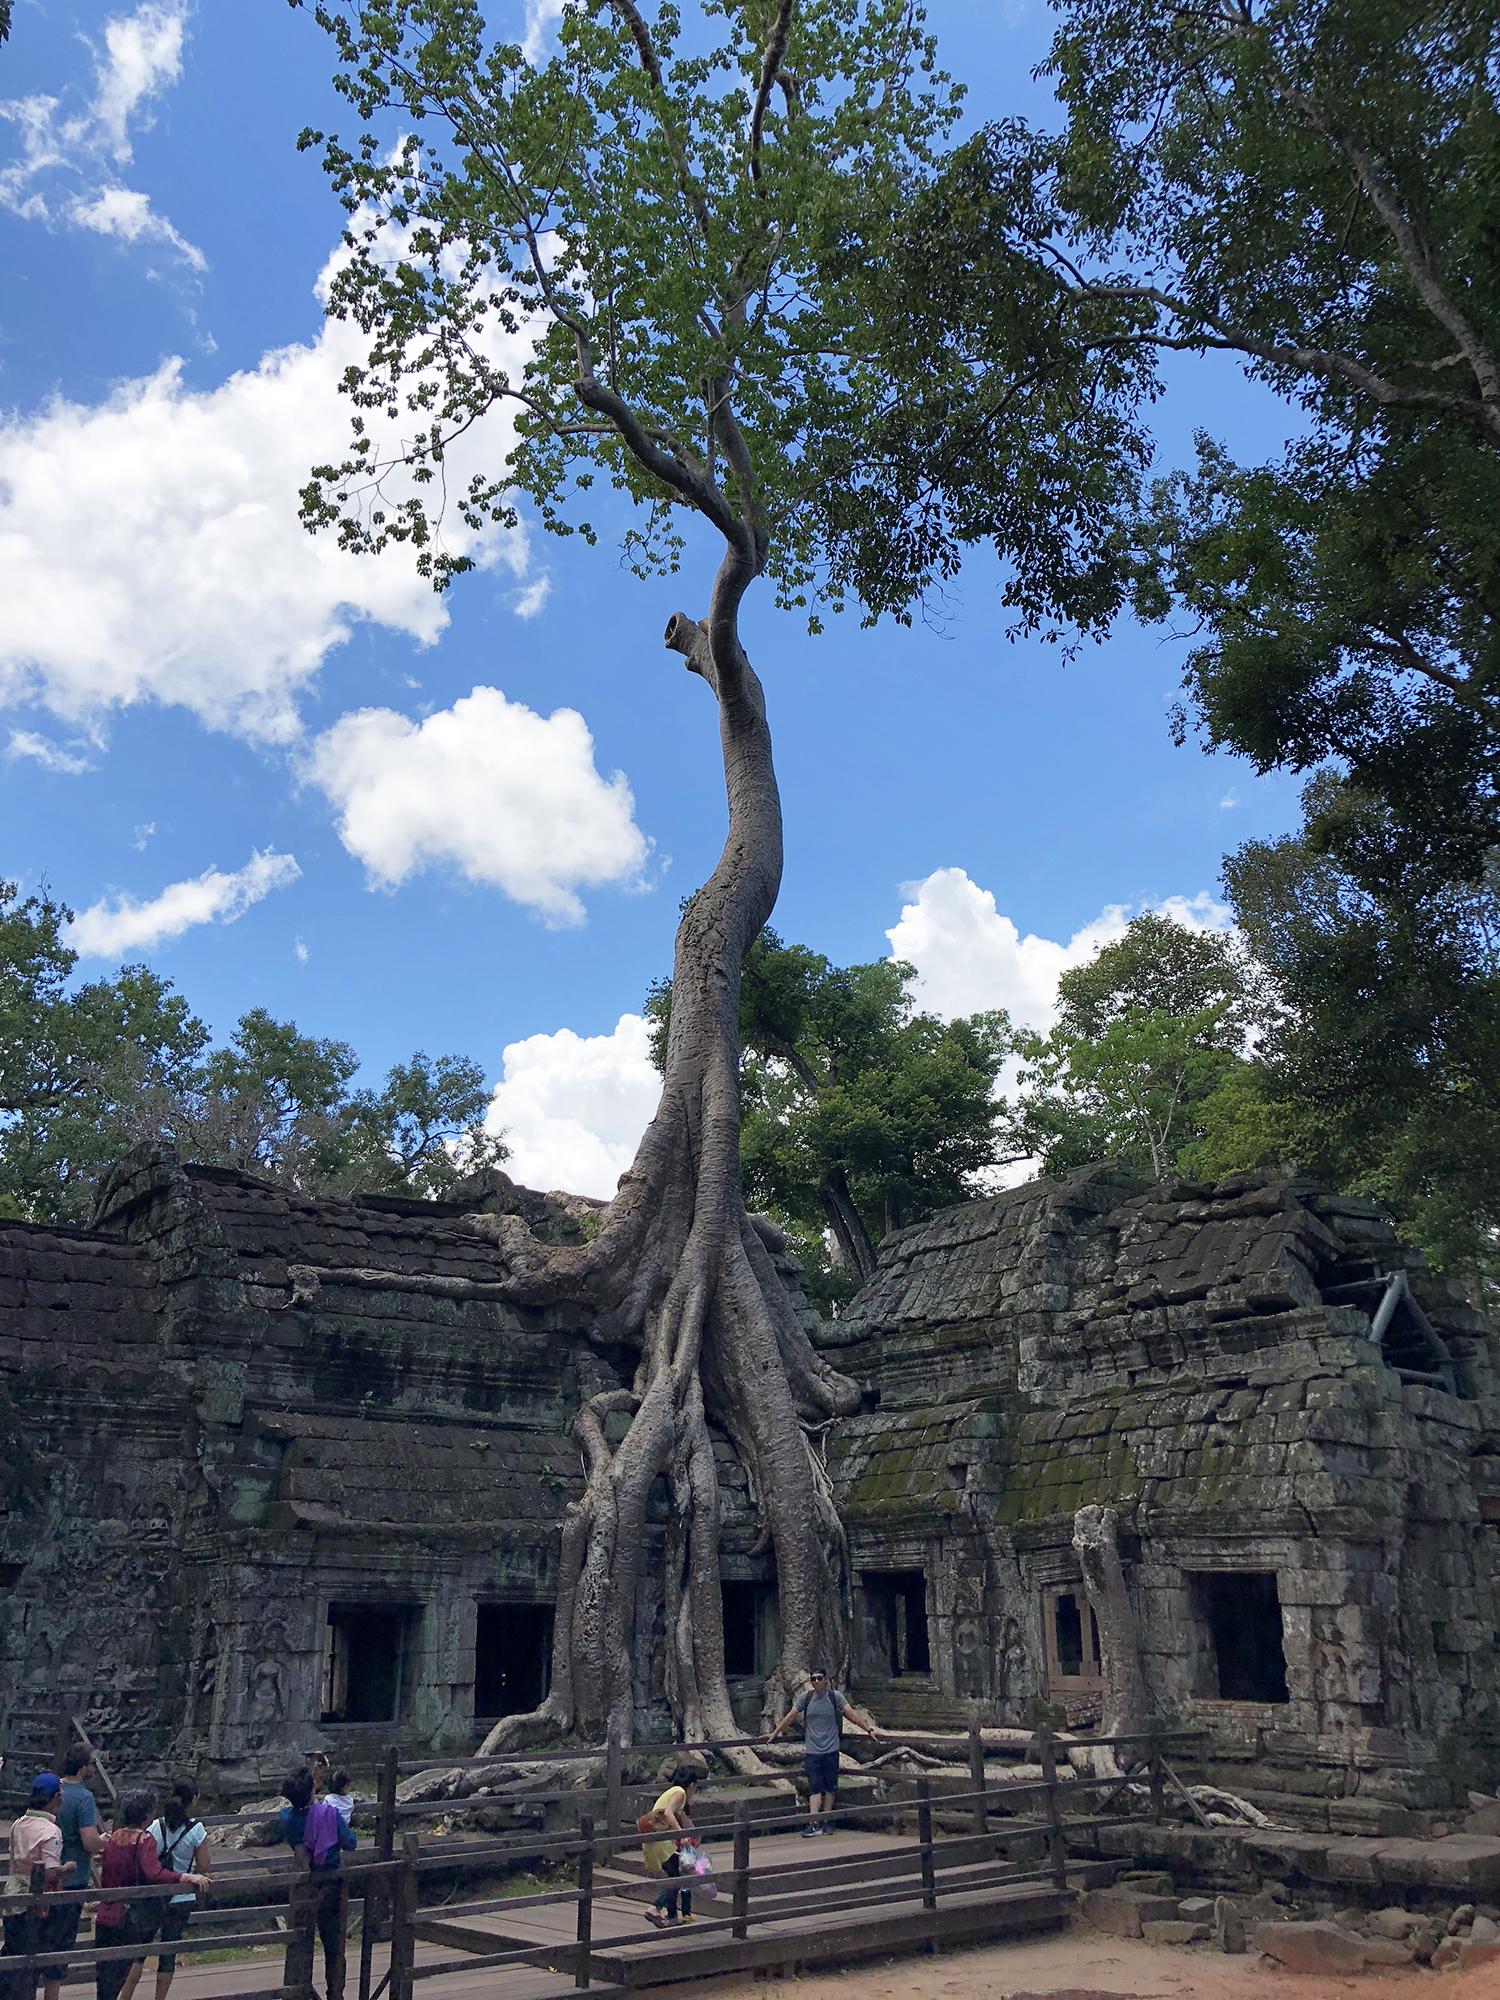 ta-prohm-temple-siem-reap-tomb-raider